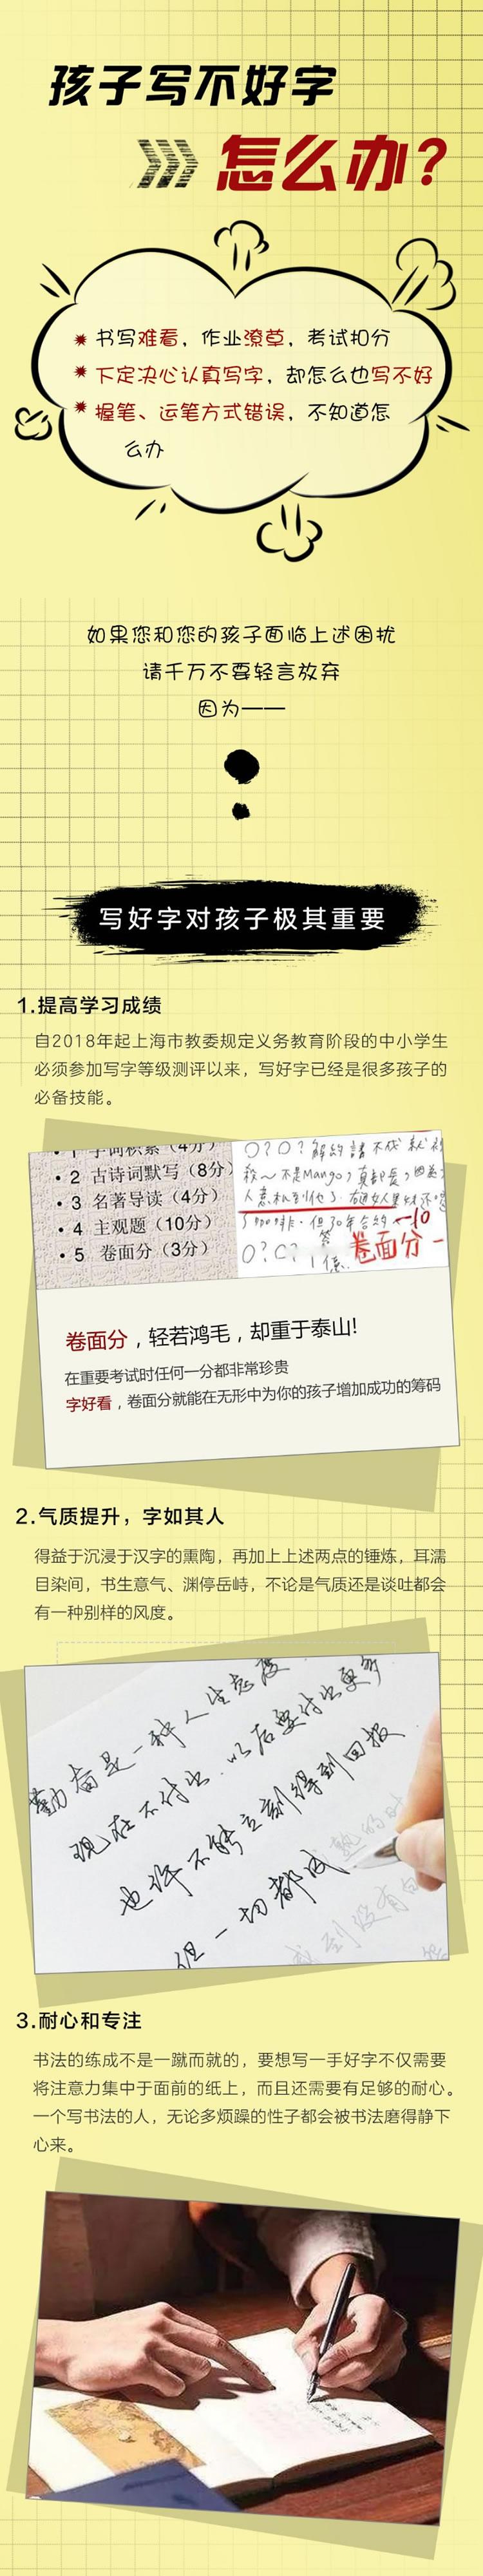 丁永康讲中小学生硬笔书法详情1.jpg